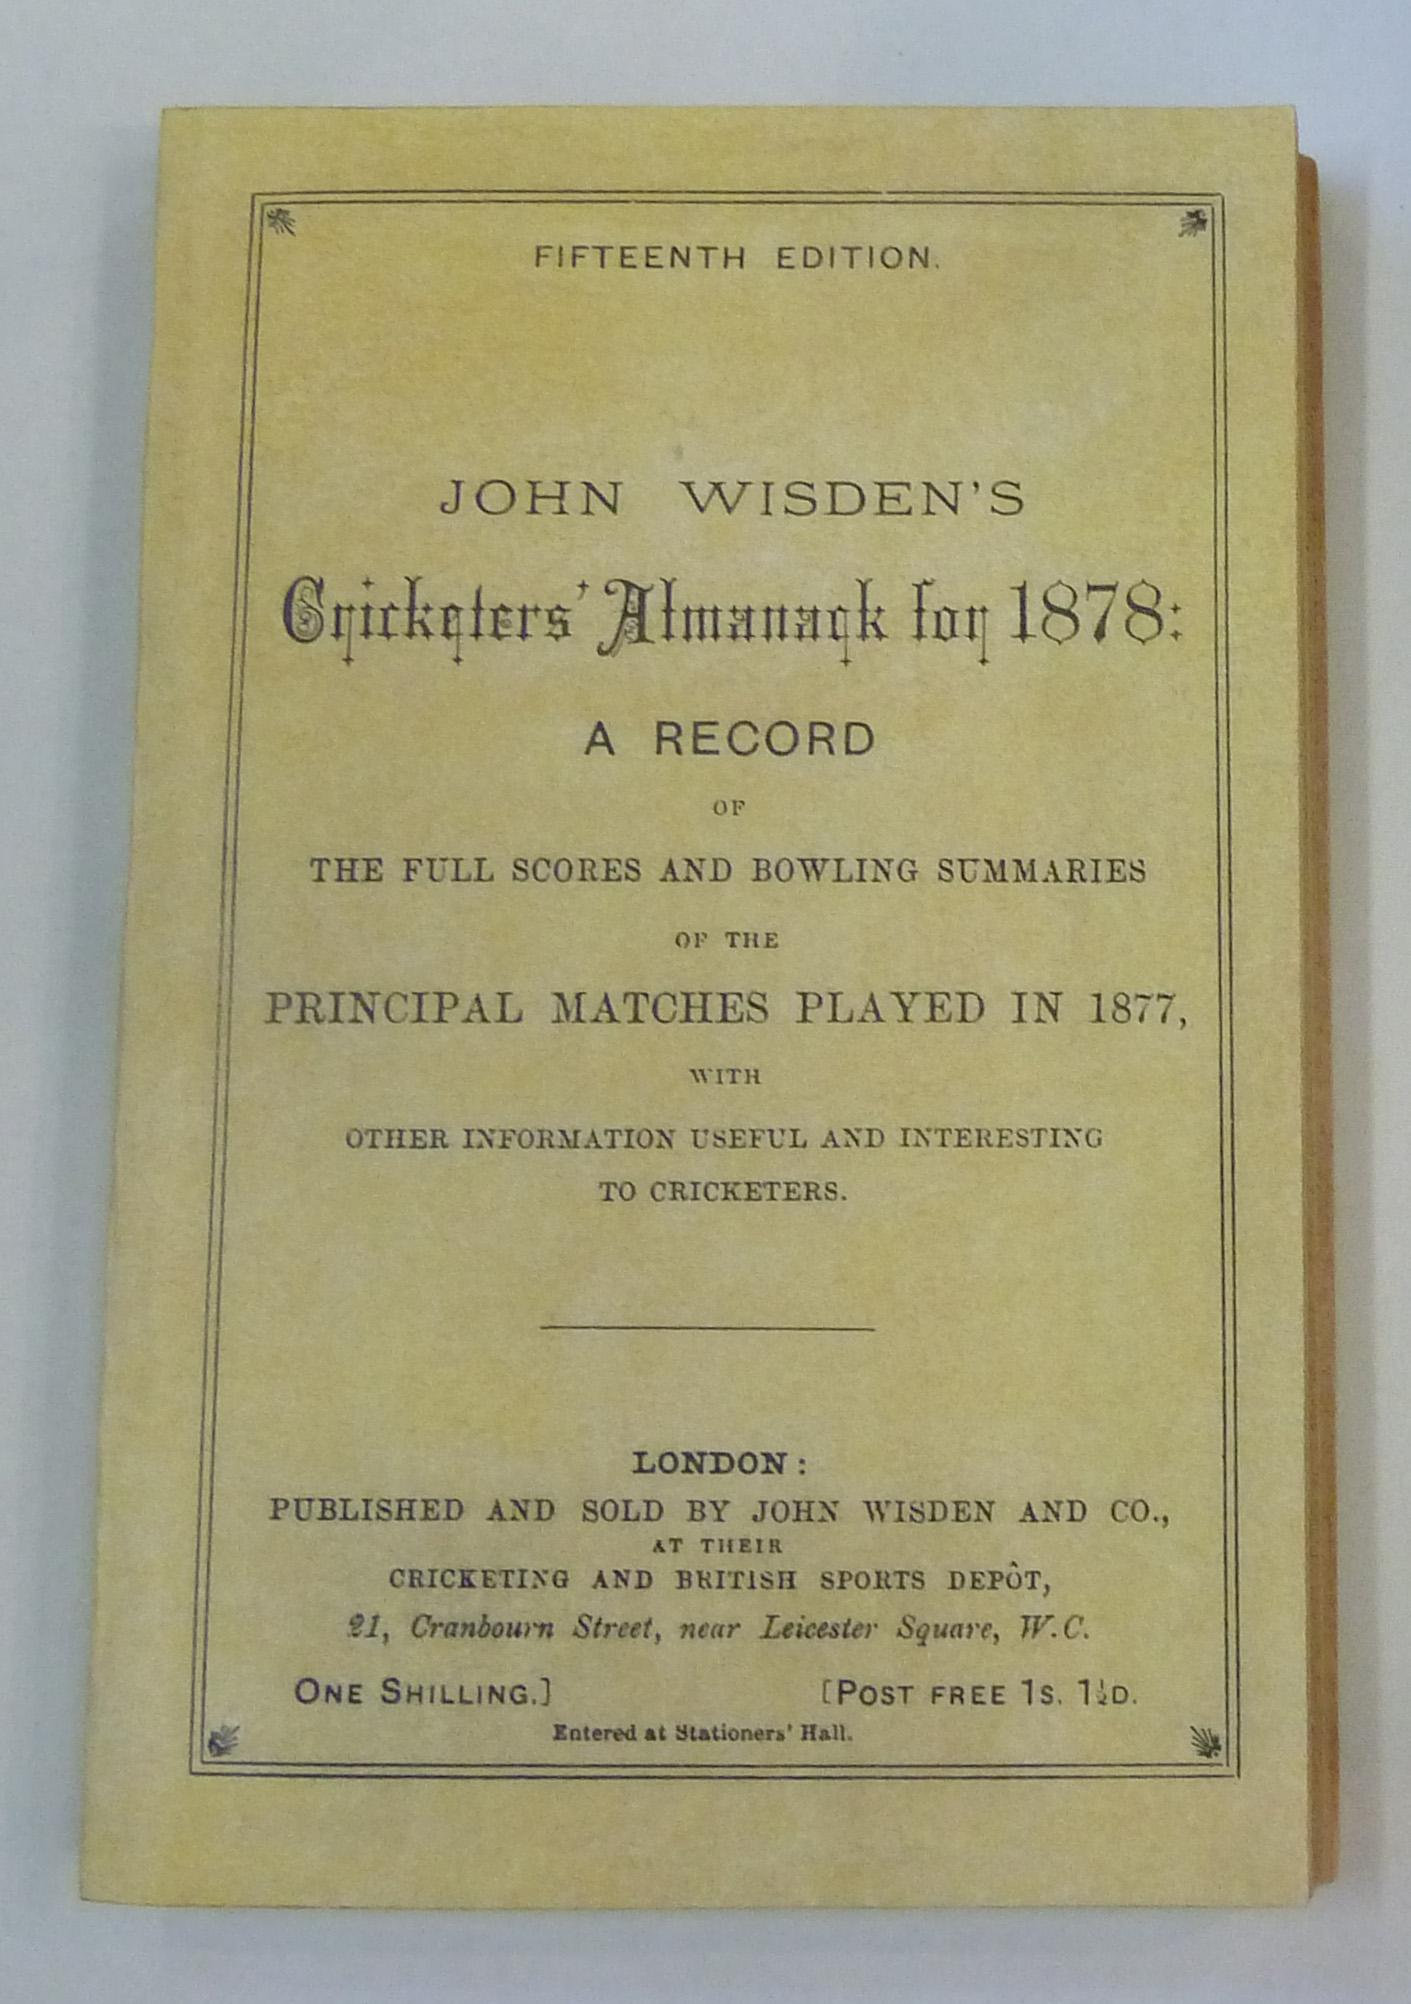 John Wisden's Cricketers' Almanack for 1878